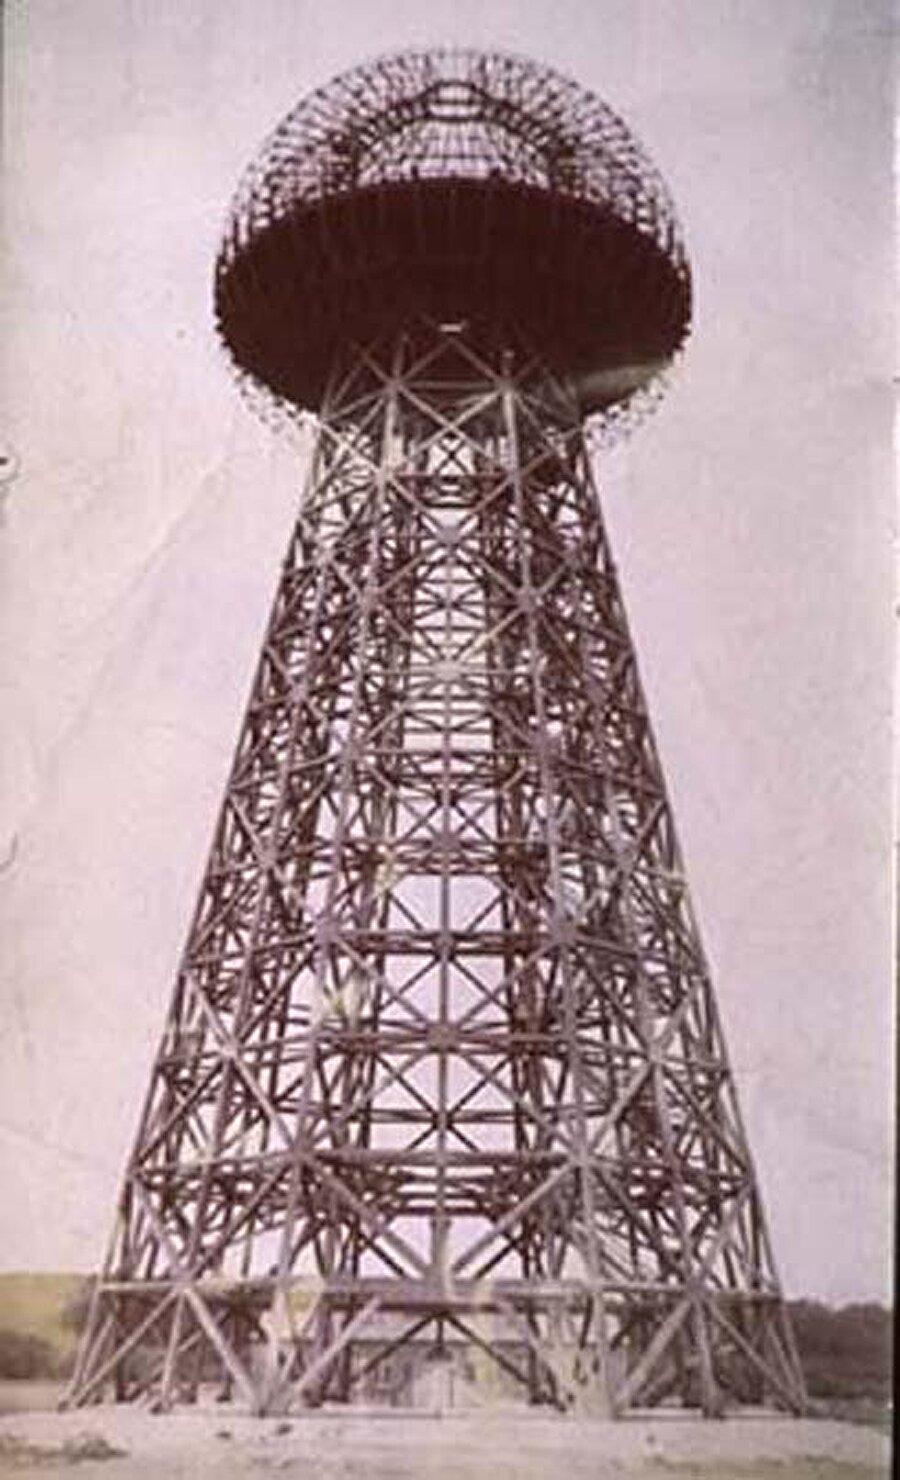 Bedava Elektrik Sistemi                                      JP Morgan'dan aldığı finansmanla Tesla, 1901 ve 1902 yılları arasında New York'ta devasa bir kablosuz iletişim istasyonu olan Wardenclyffe Kulesi'ni tasarladı ve inşa etti. Tesla, bu istasyon aracılığıyla Atlantik üzerinden İngiltere'ye ve gemilere mesajlar, telefonlar ve fakslar iletmeyi planlıyordu. Proje başarılı olsaydı, herkes yere çapa zinciri saplayarak elektriğe sahip olabilecekti. Fakat, bu durum enerji endüstrisinde çok ciddi değişikliklere yol açabilirdi ve bu dünyadaki elit kesimin işine gelmedi. Tesla'nın amacını öğrenen Morgan, projeyi finanse etmeyi reddetti ve proje 1906 yılında yarıda bırakıldı.